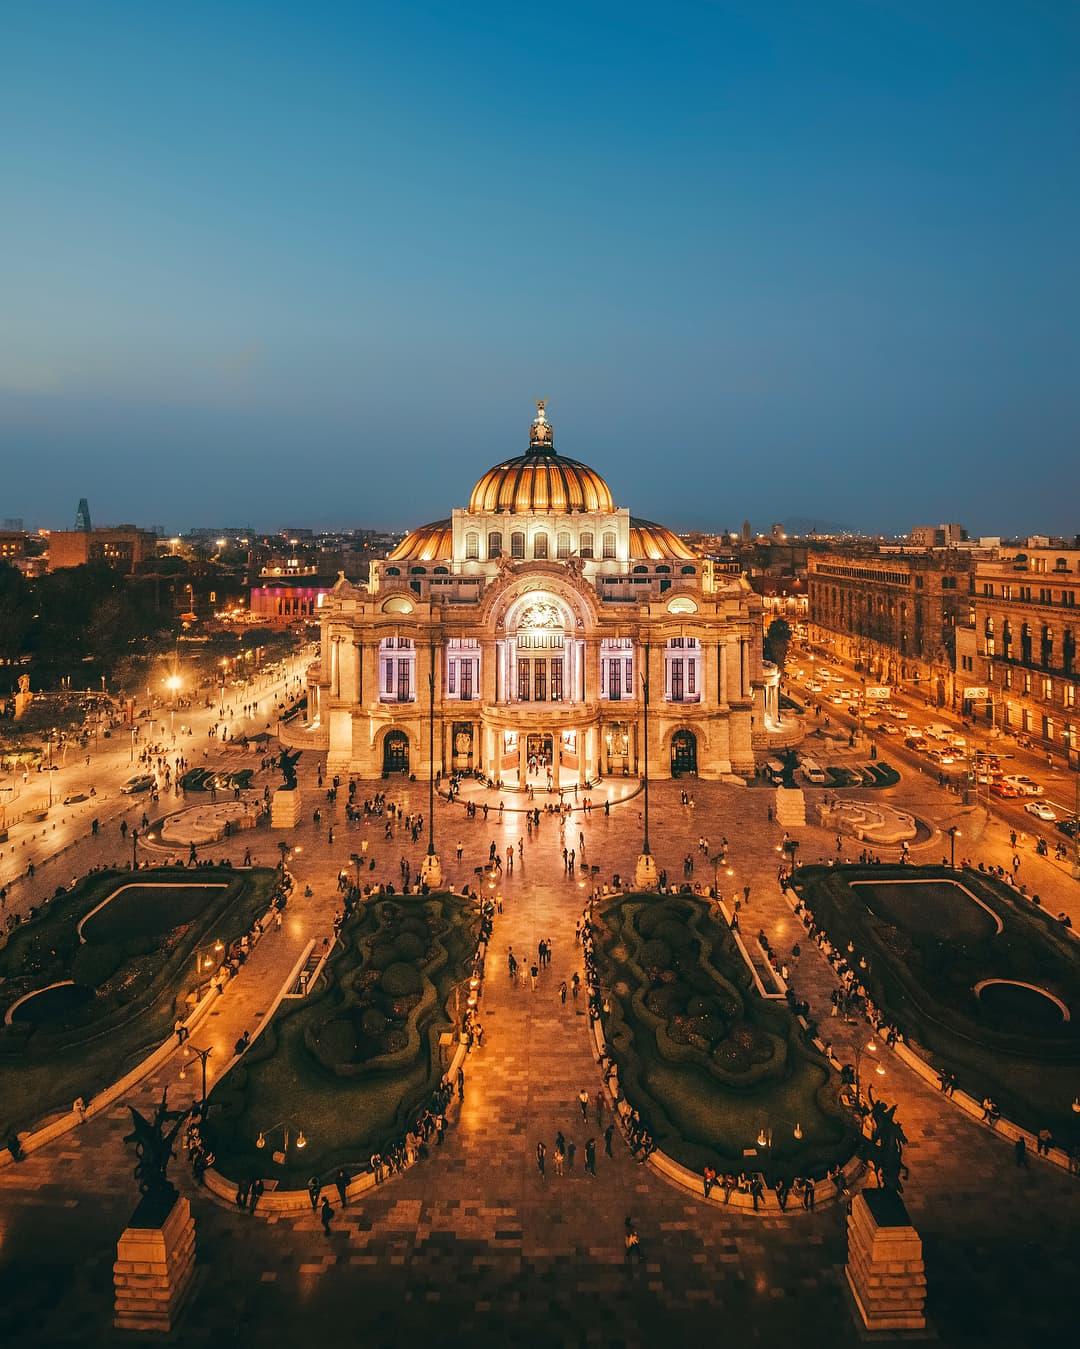 Edition 52: Mexico City, Mexico